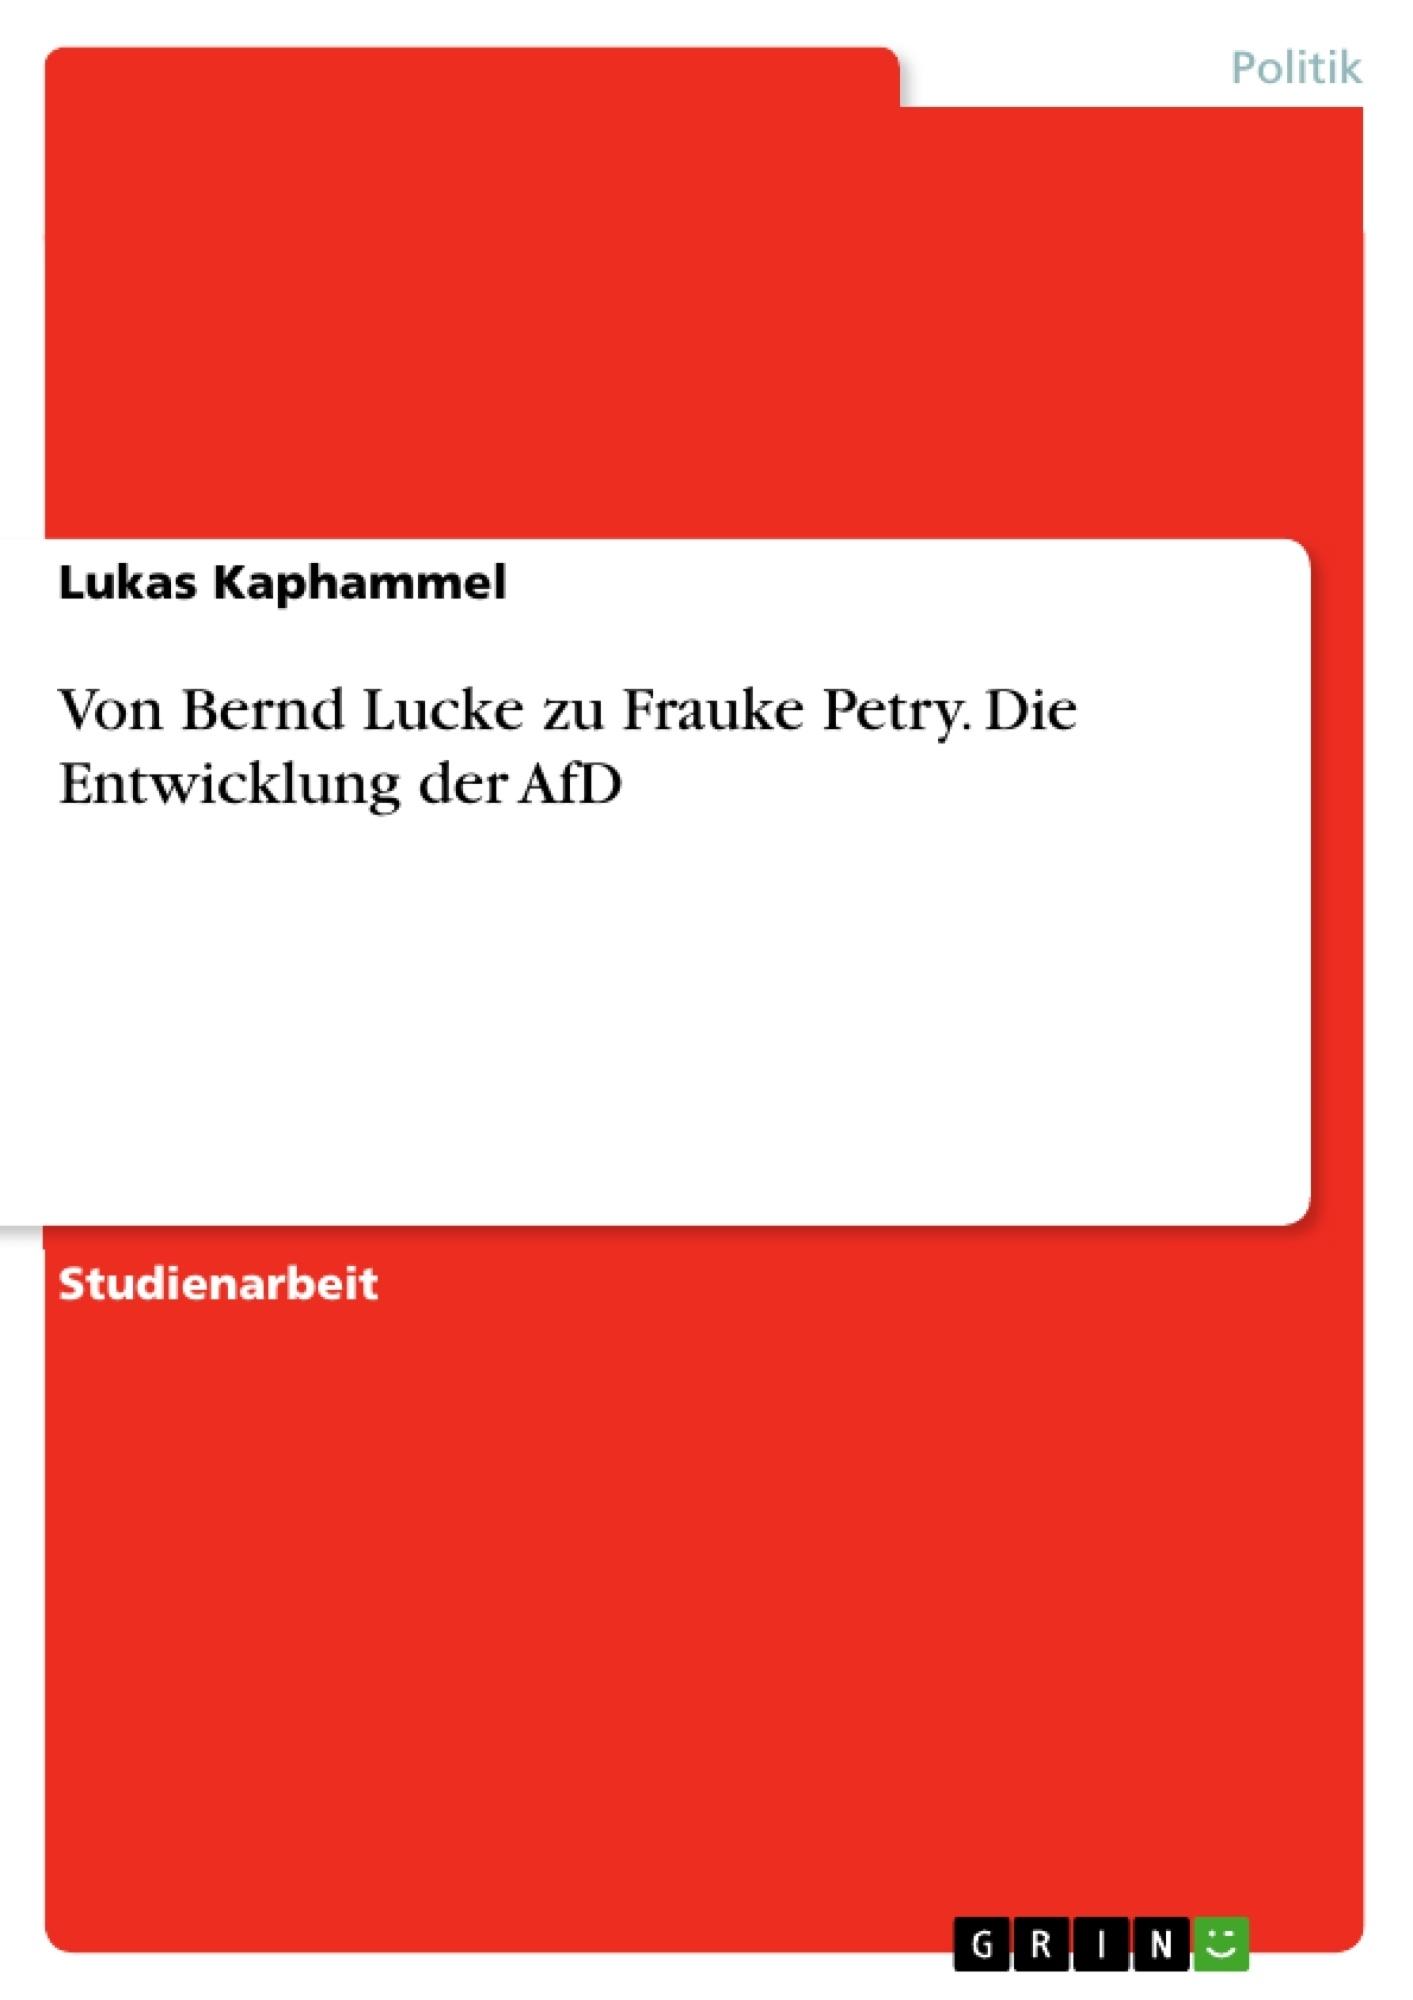 Titel: Von Bernd Lucke zu Frauke Petry. Die Entwicklung der AfD